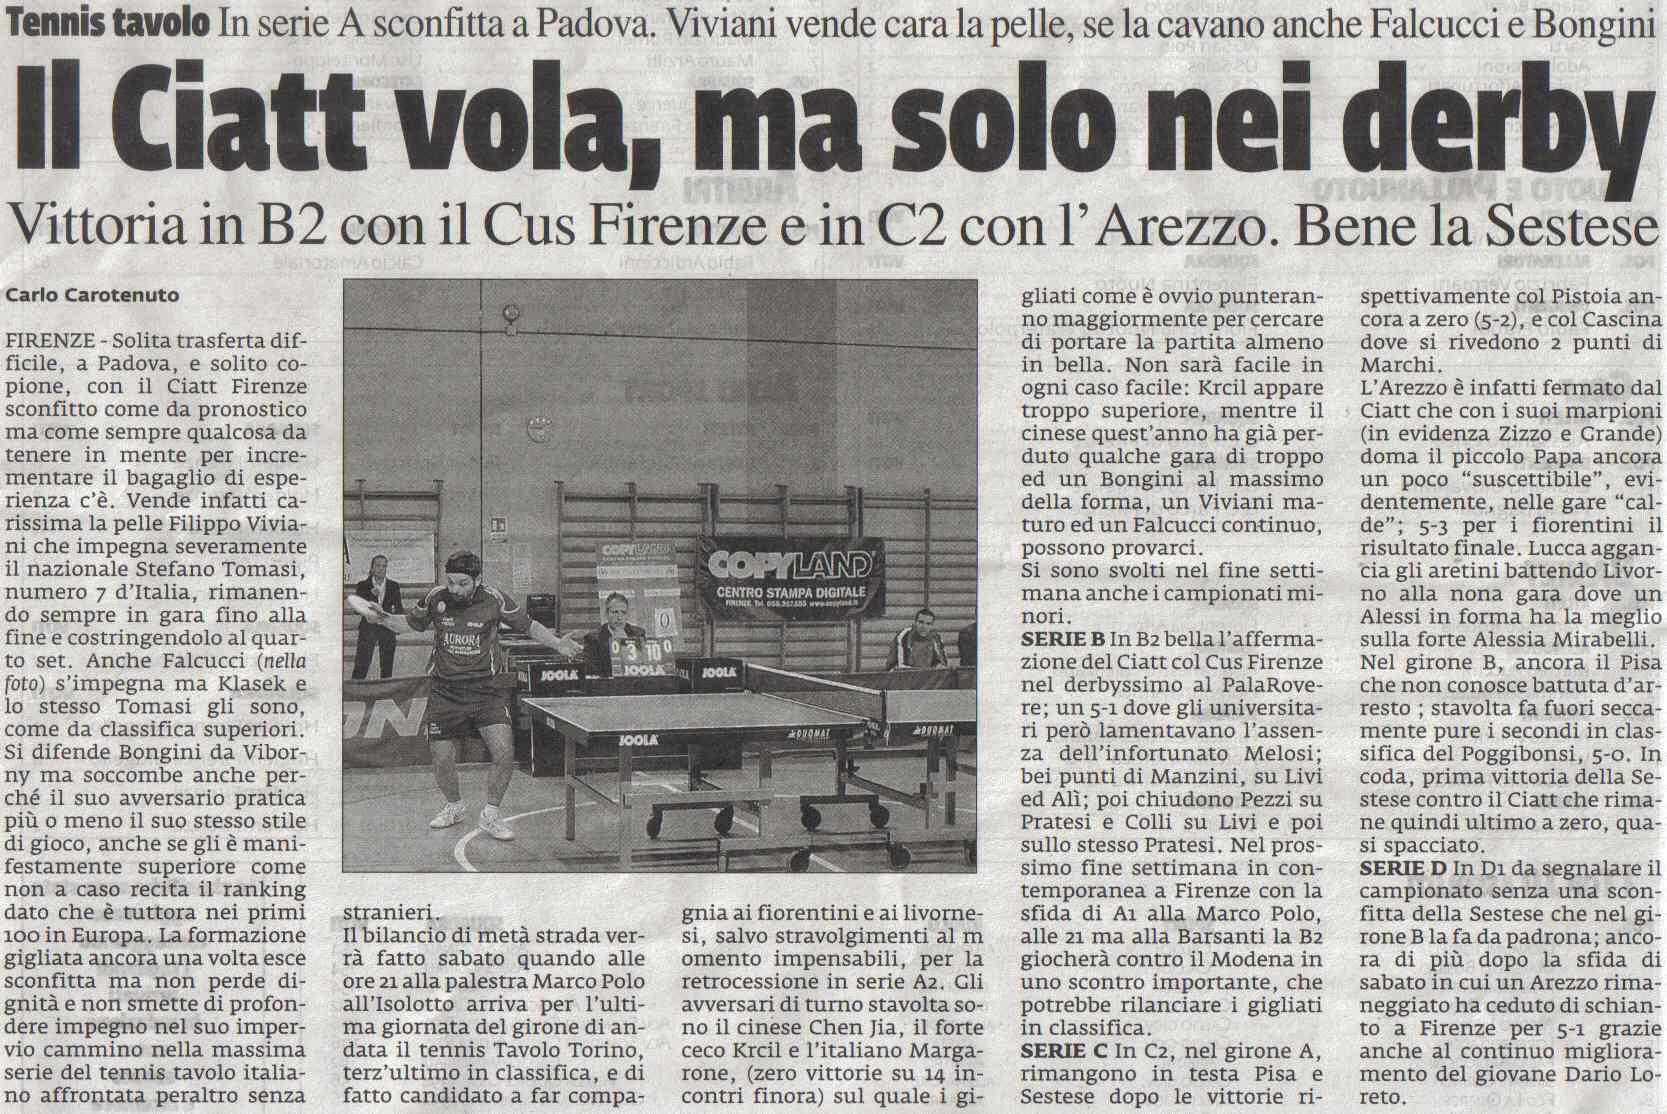 Articoli 2008 ssd ciatt firenze - Forum tennis tavolo toscano ...